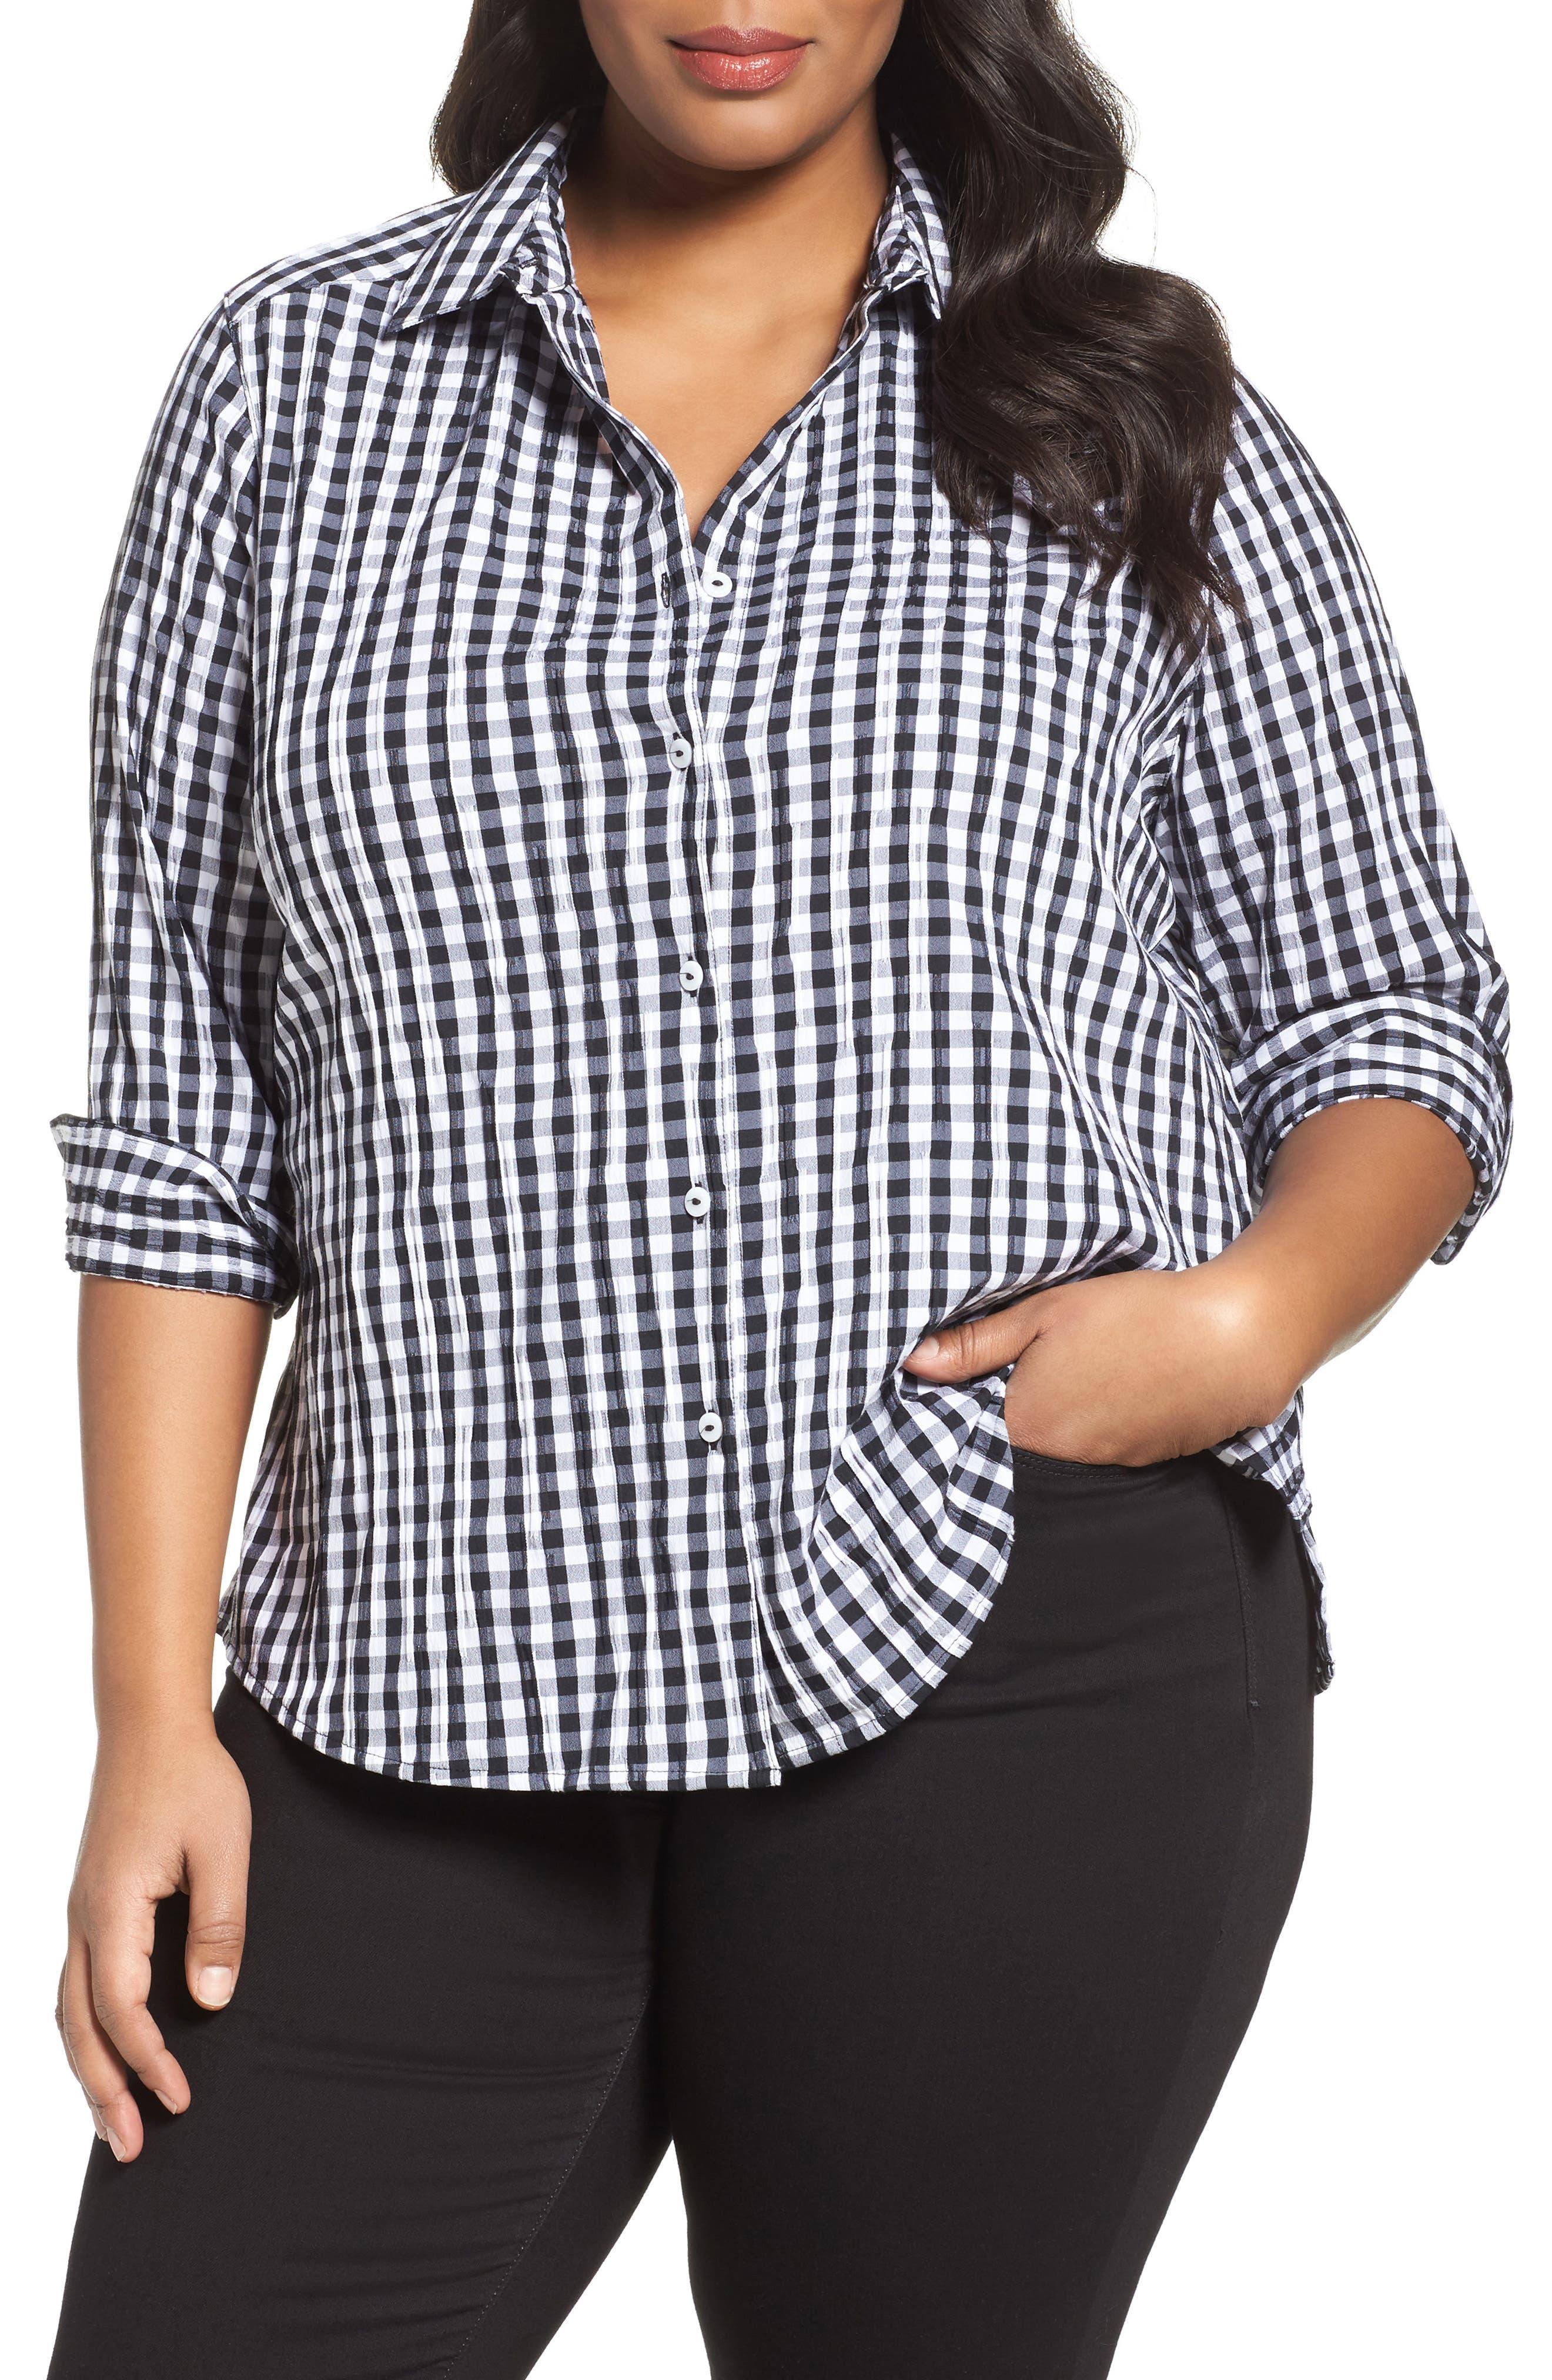 Main Image - Foxcroft Gingham Shirt (Plus Size)